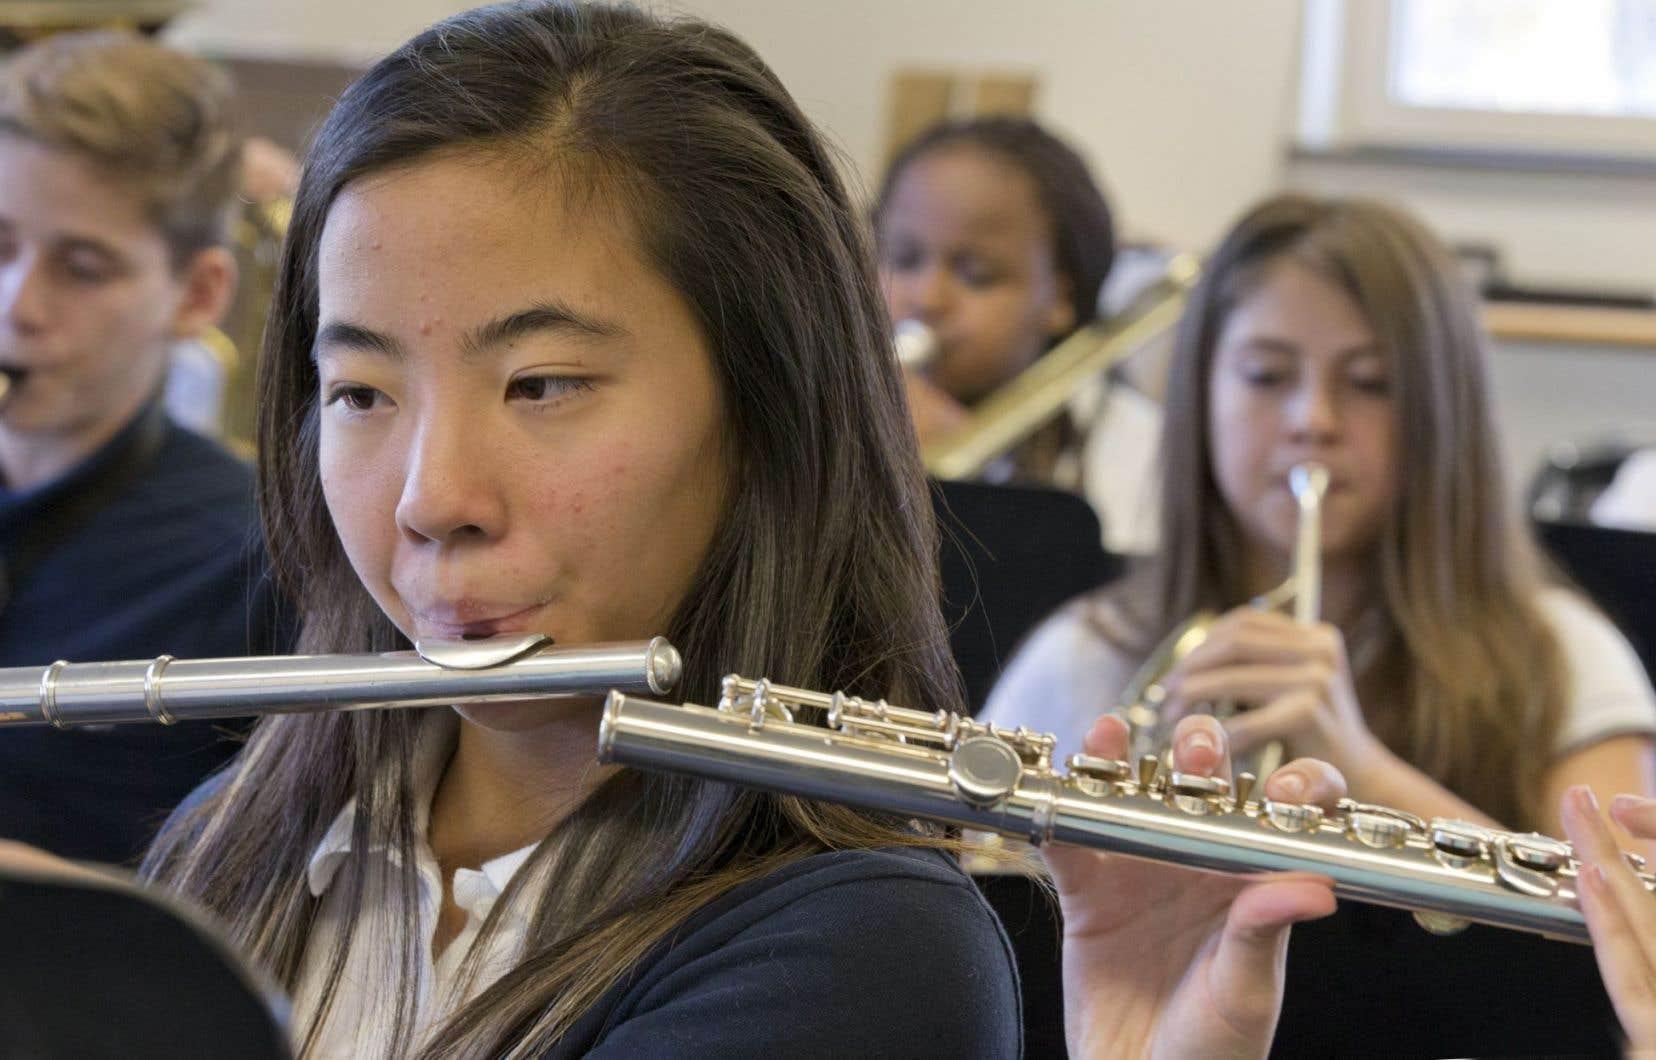 Portés par les notes, les élèves de l'école Saint-Edmond tiennent chacun un rôle... dans l'orchestre comme dans la vie.